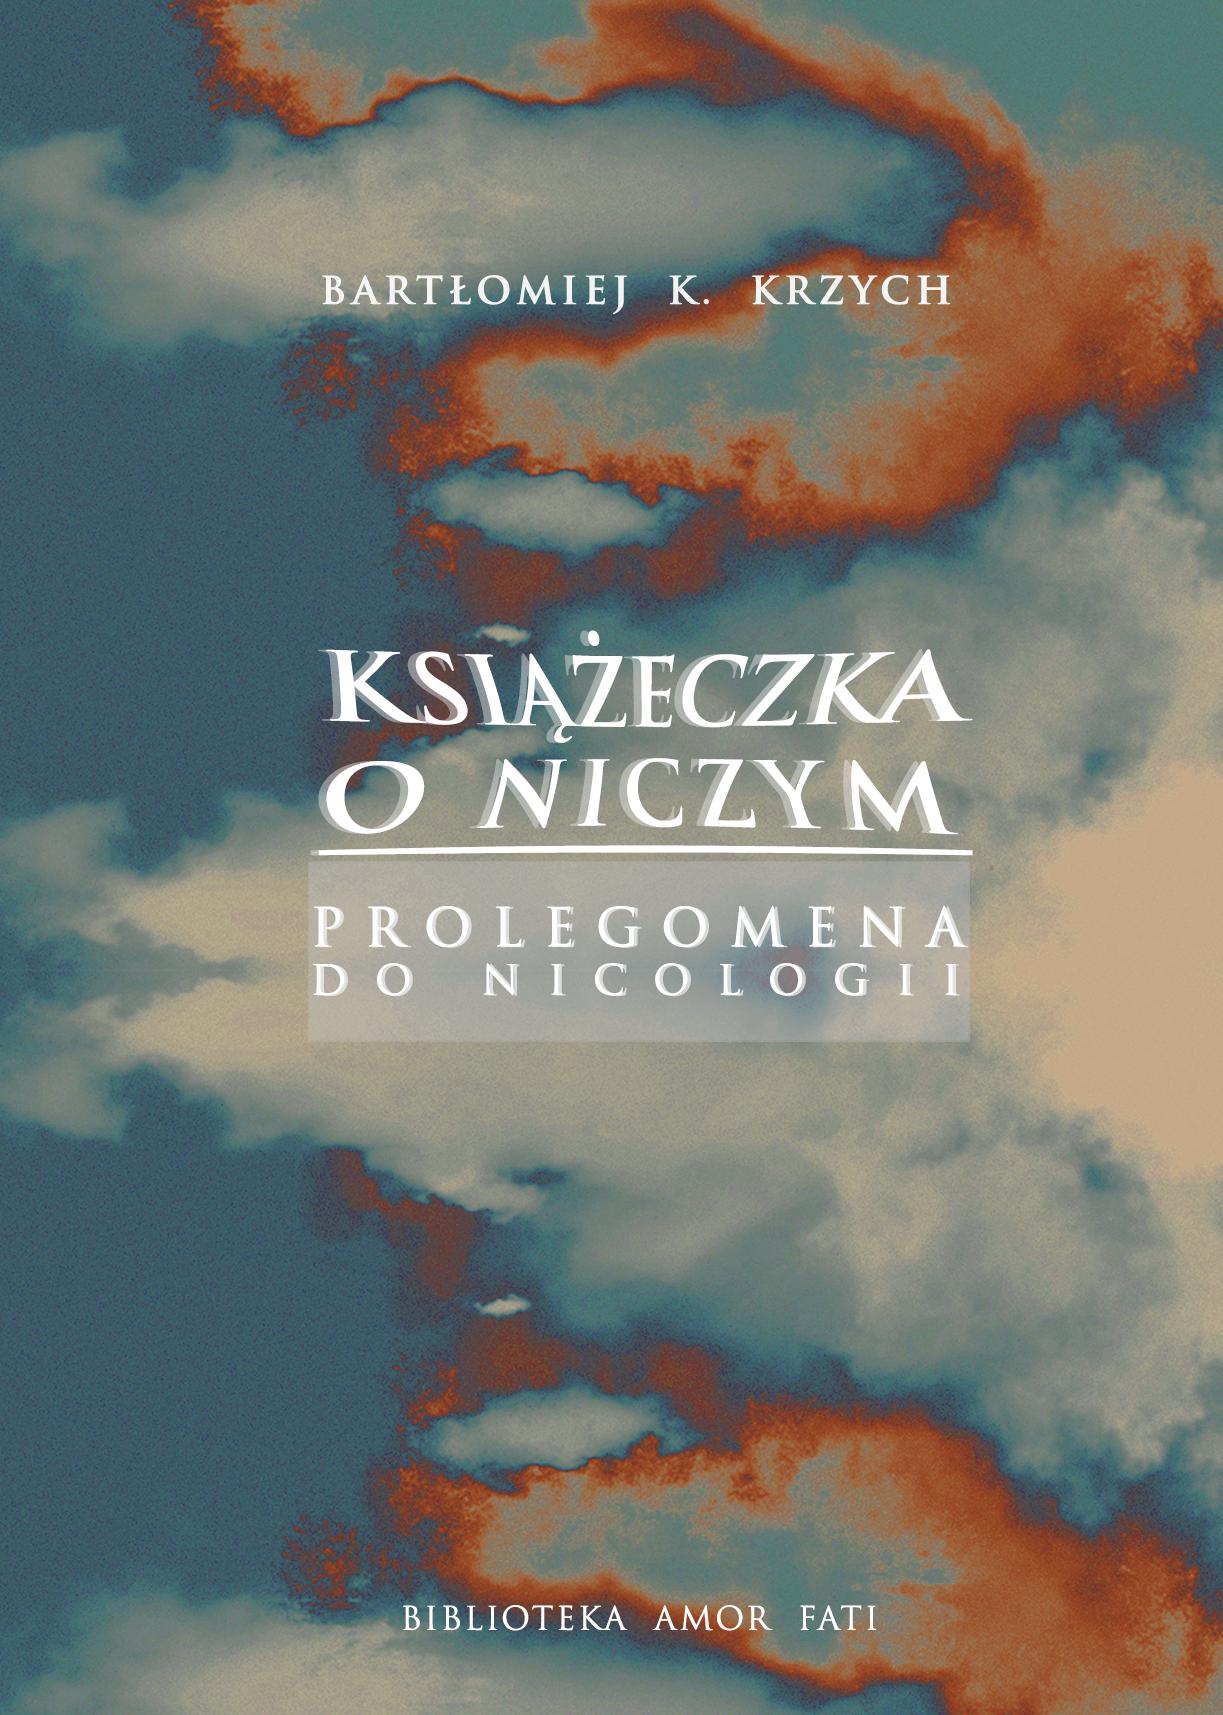 Bartłomiej K. Krzych: Książeczka o niczym. Prolegomena do nicologii